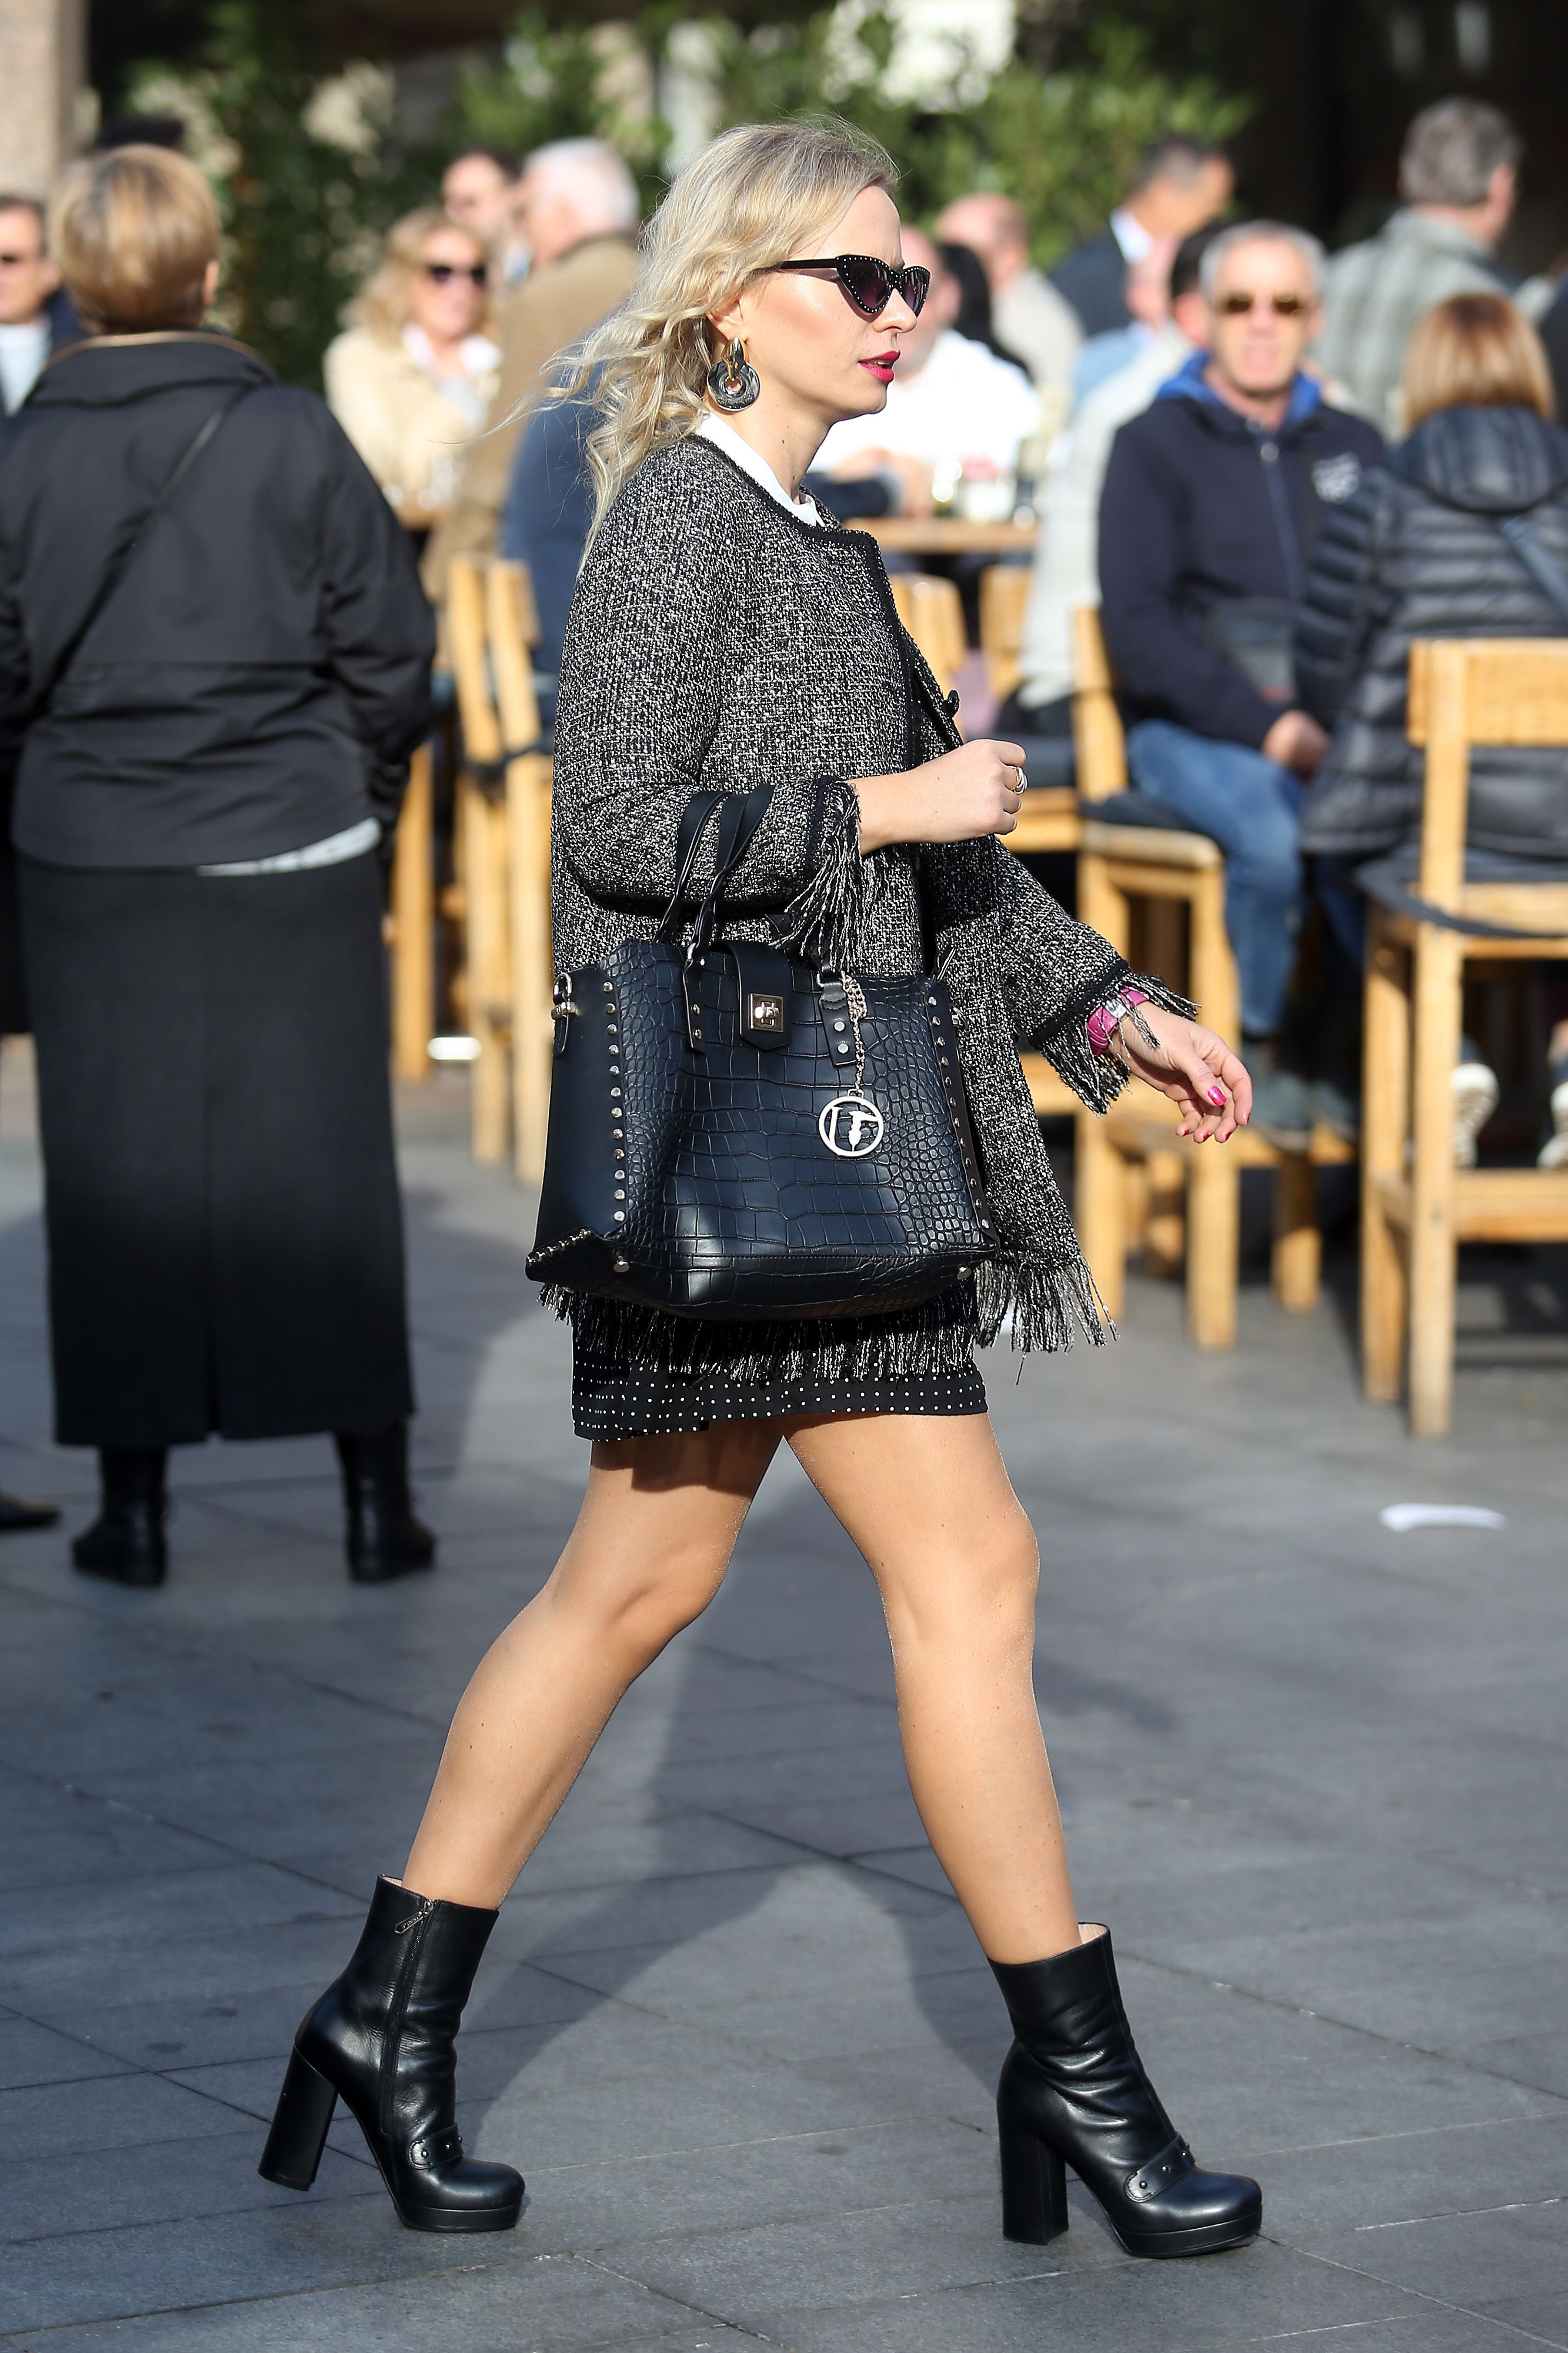 Minica, gole noge i glomazne čizme - formula atraktivna plavuše za jesenski outfit je jednostavna i trendi